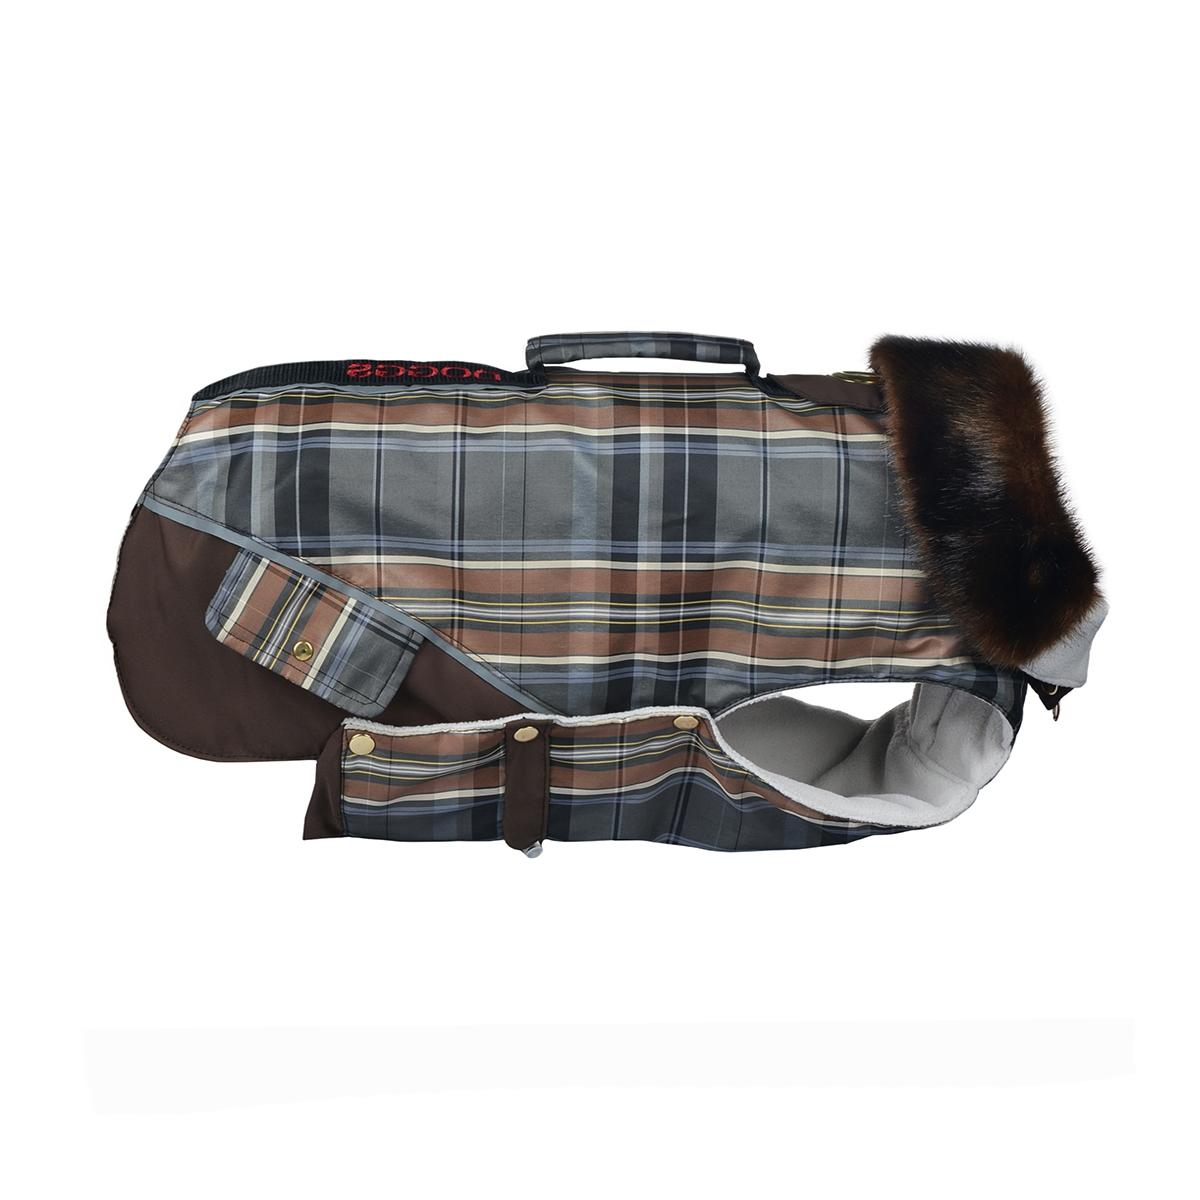 Попона для собак Dogmoda Doggs, для девочки, цвет: коричневый. Размер L комбинезон для собак dogmoda doggs зимний для девочки цвет фиолетовый размер xxl